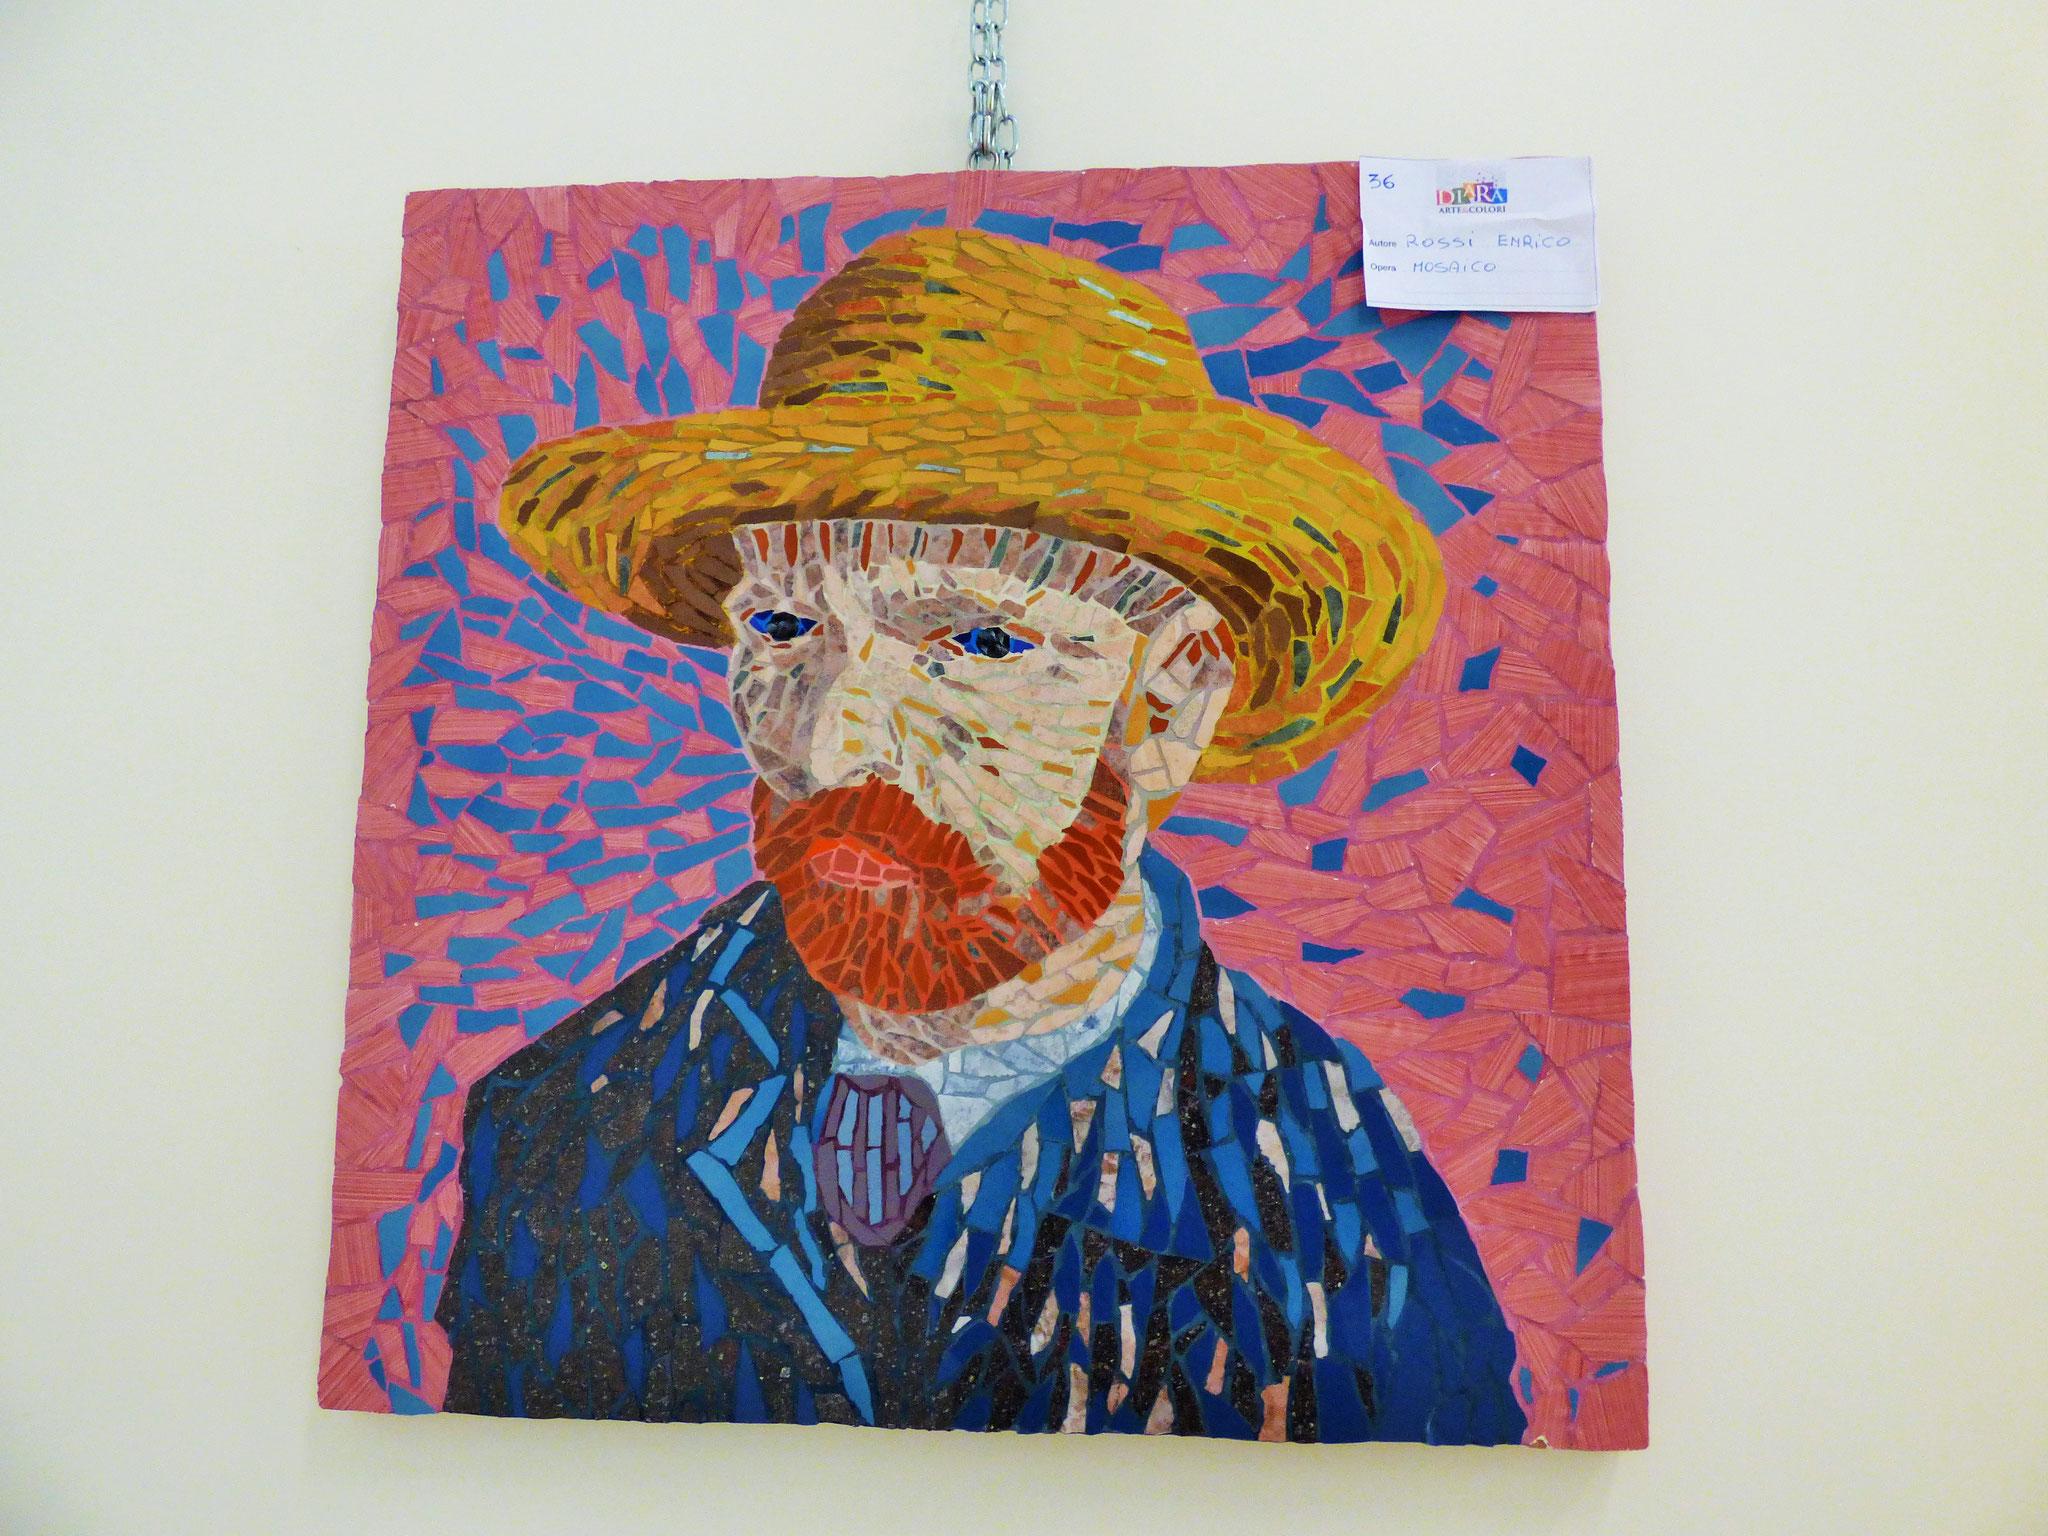 Rivergaro: DIARA Arte & Colori - IV concorso di Pittura ed.2018 - Rossi Enrico - Mosaico